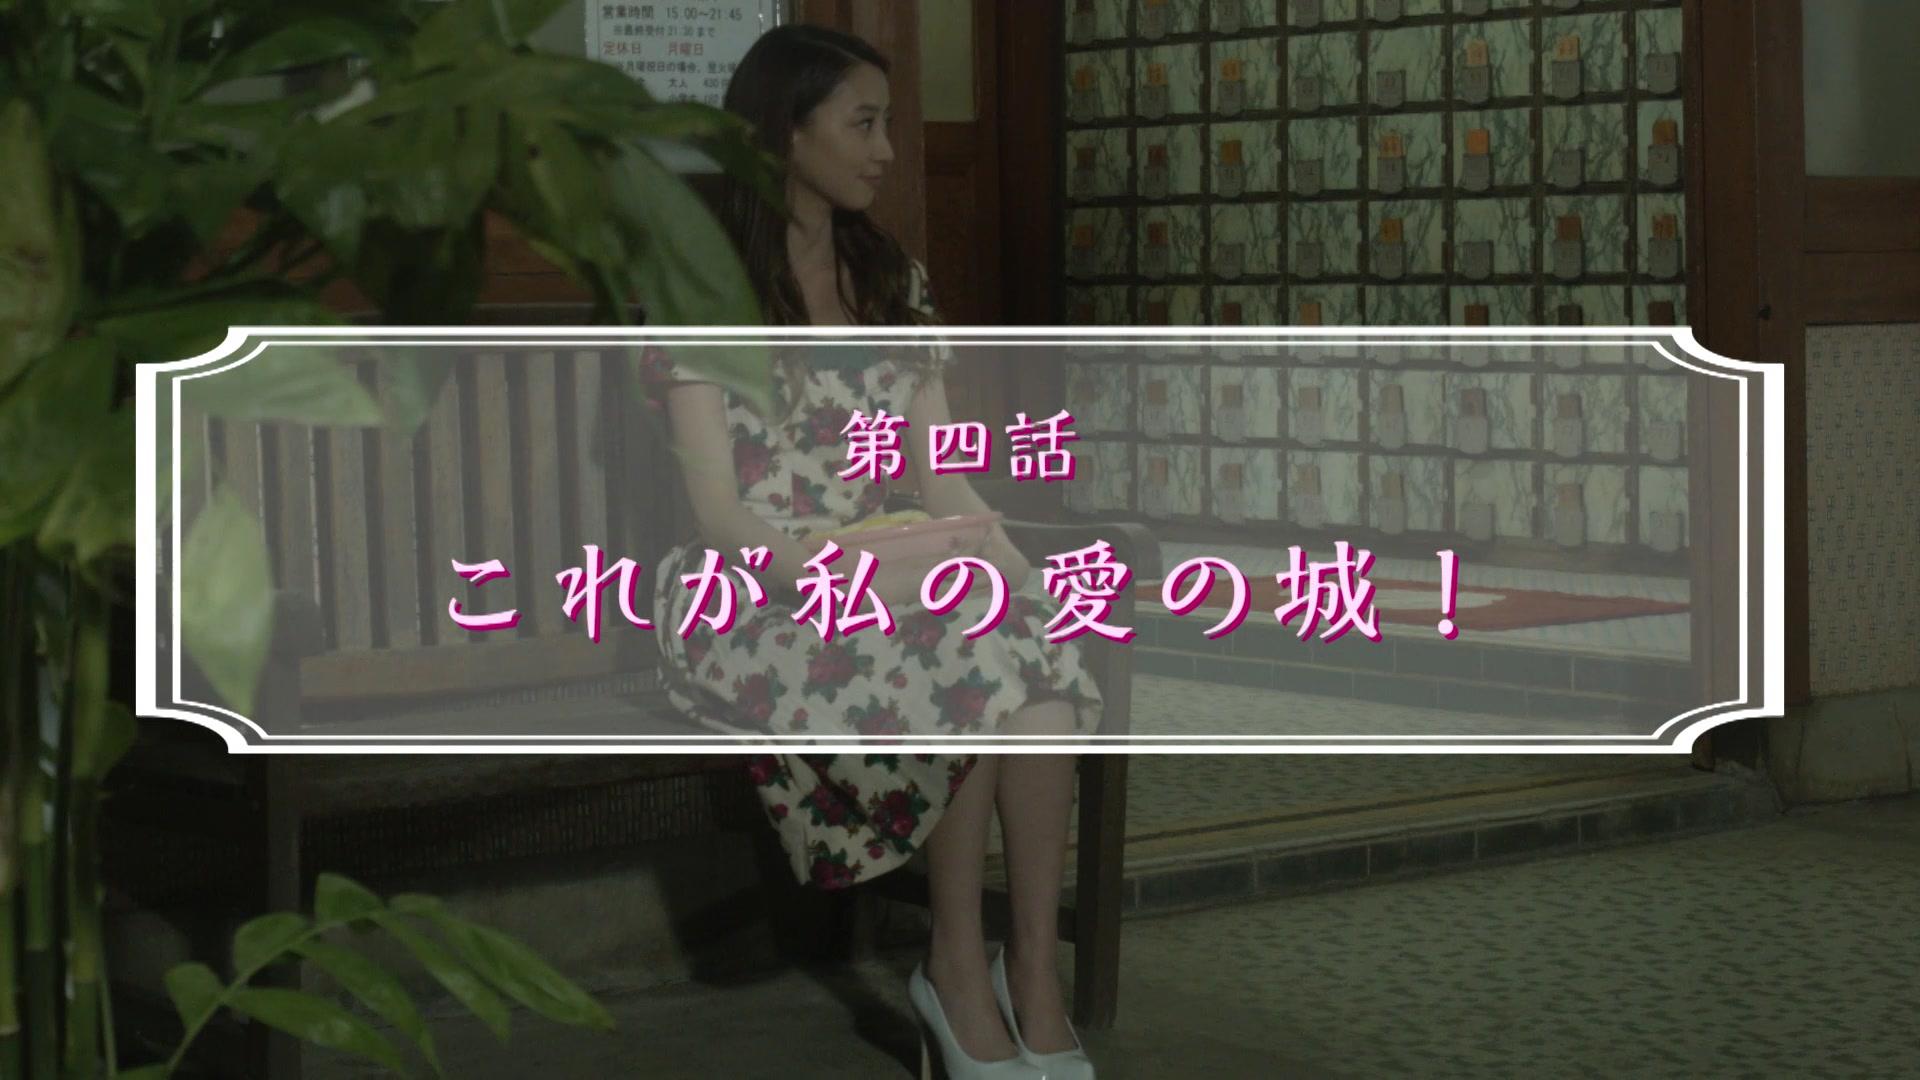 I Am Reiko Shiratori! - Shiratori Reiko de Gozaimasu! Episode 4